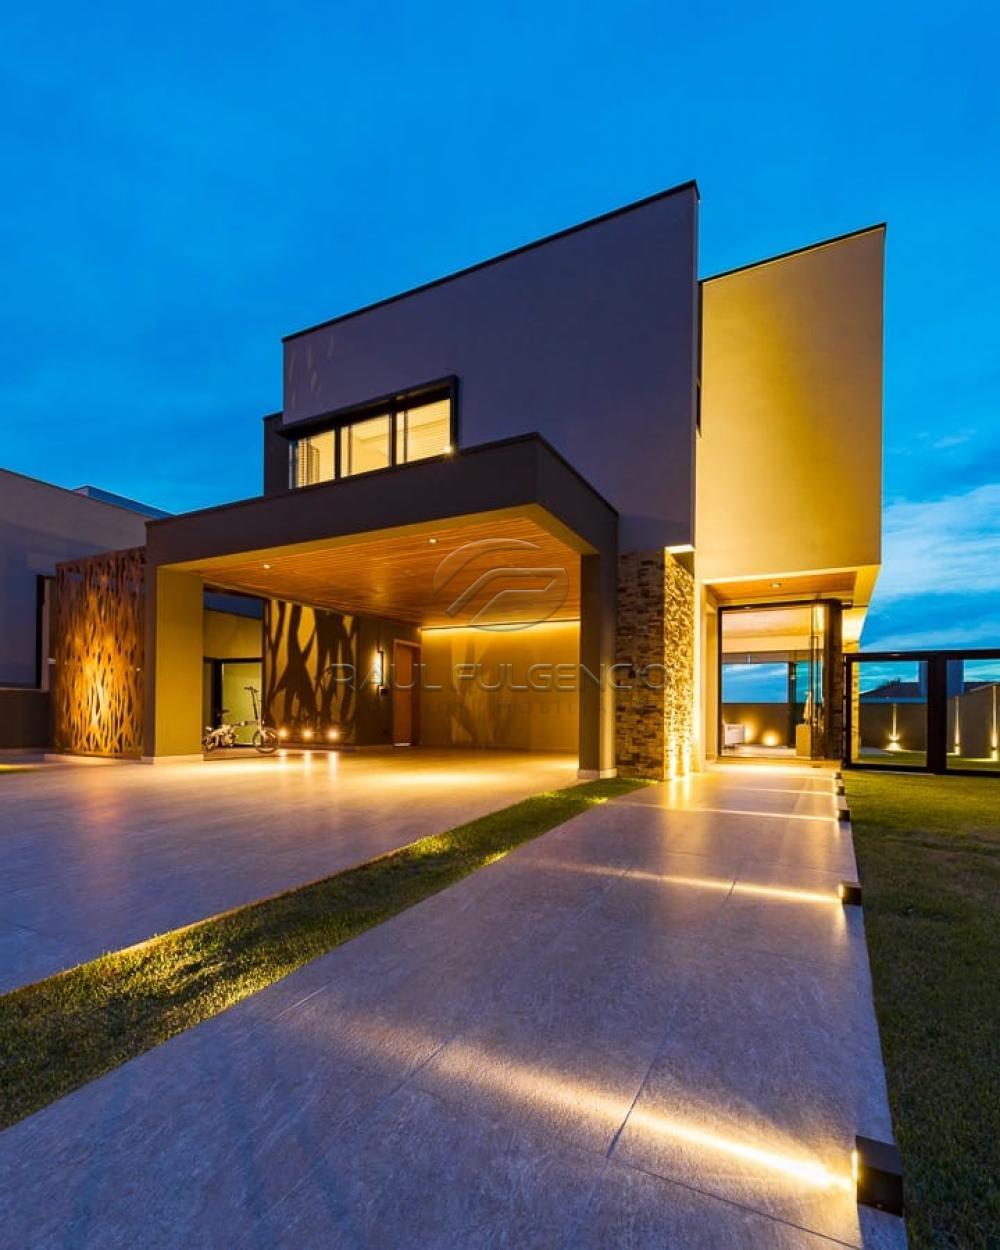 Comprar Casa / Condomínio em Londrina apenas R$ 1.980.000,00 - Foto 2